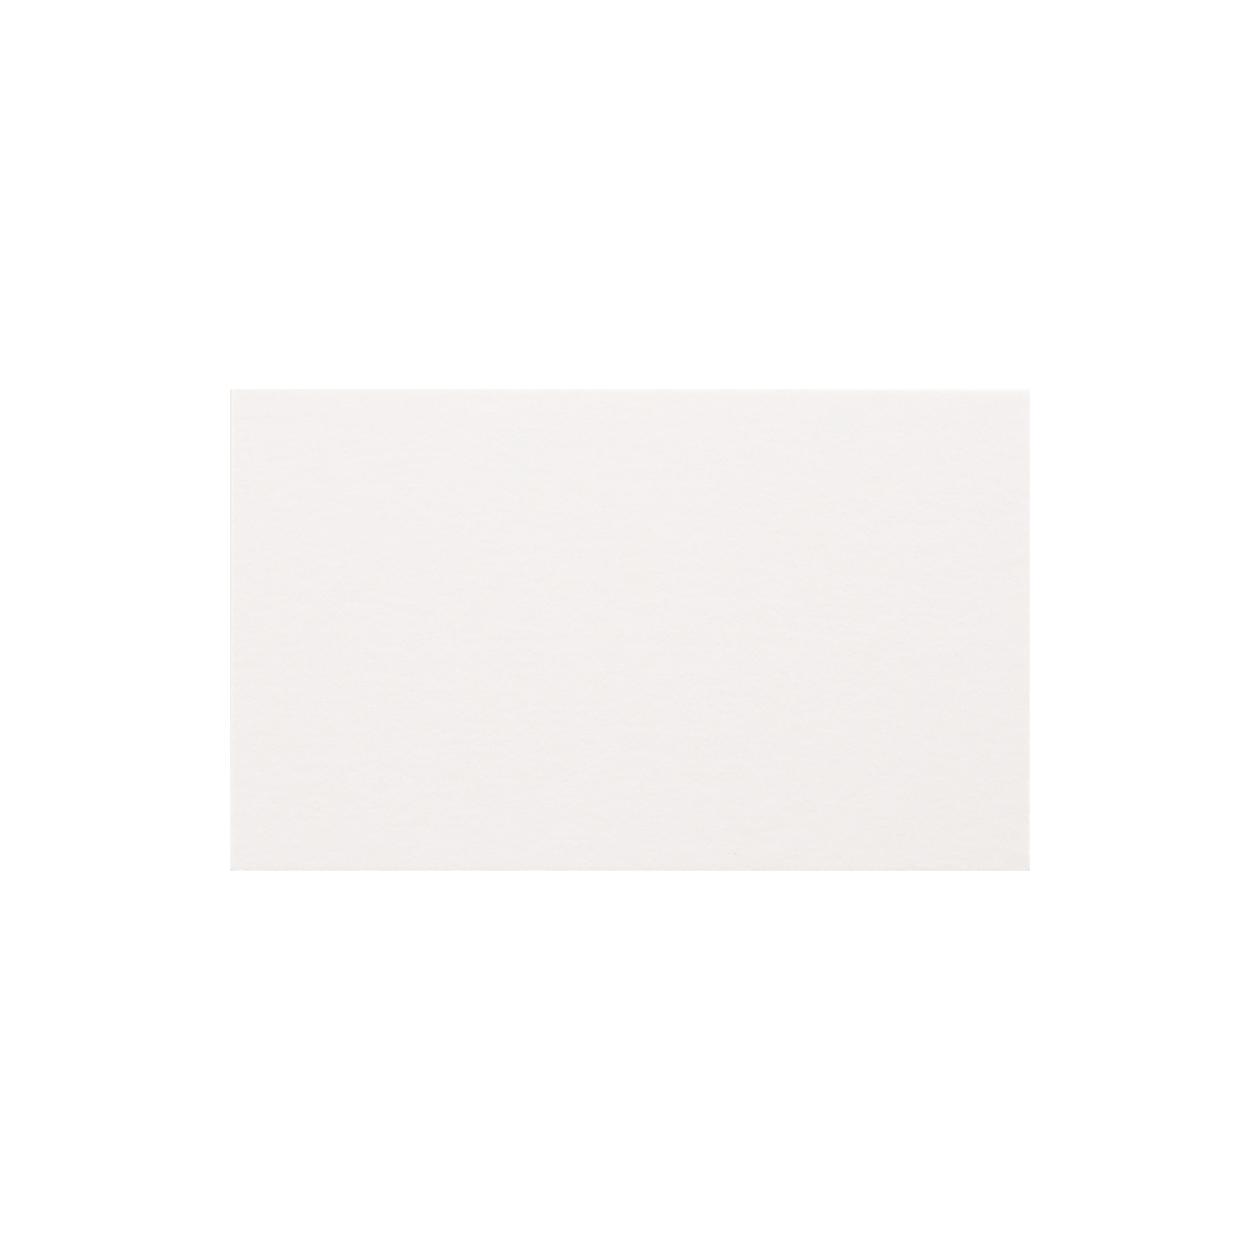 ネームカード HAGURUMA Basic プレインホワイト 200g